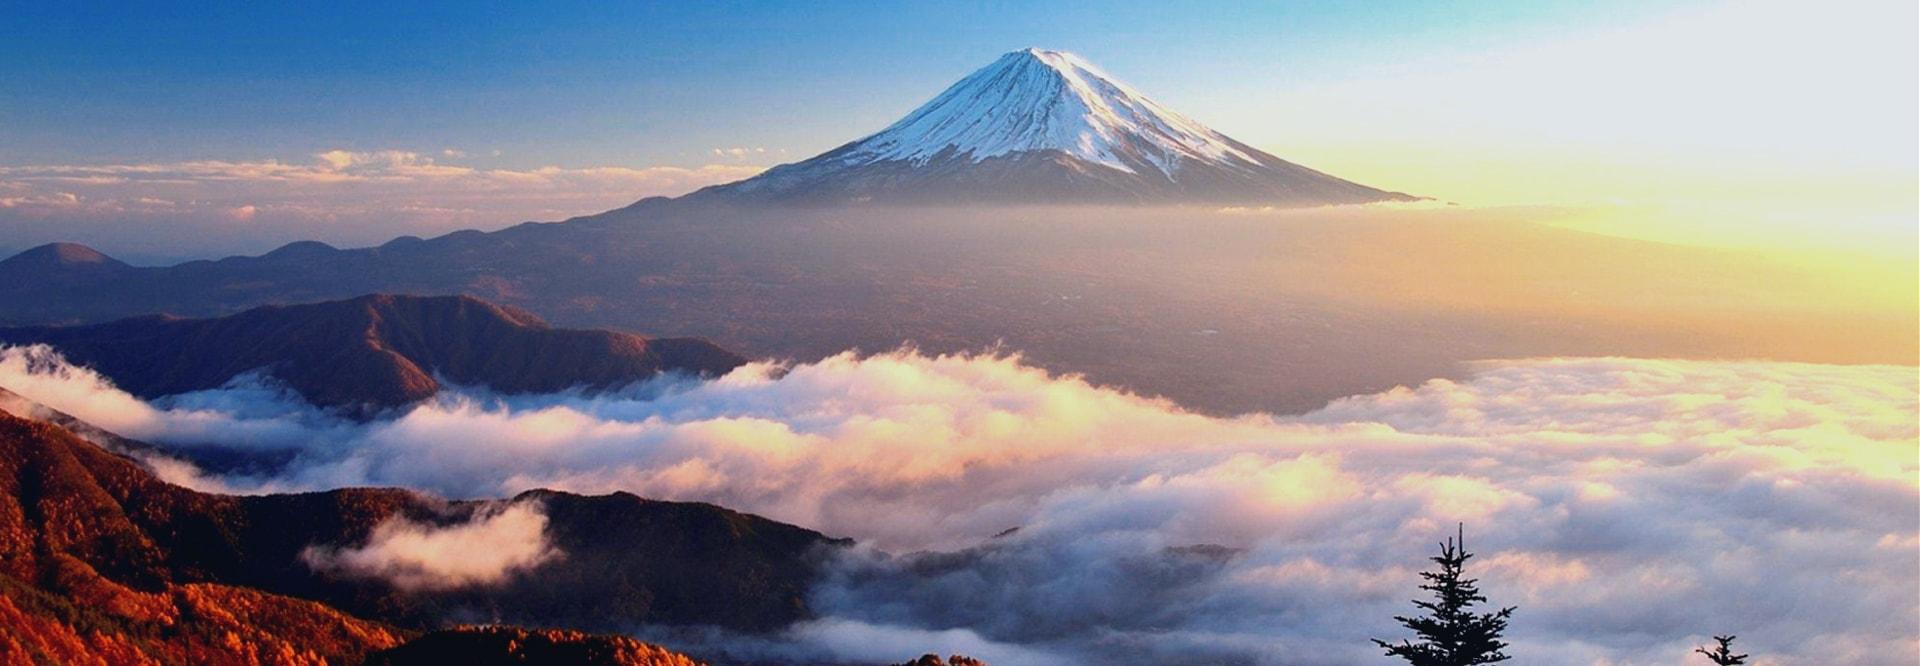 Image result for Hiking Mount Fuji, Japan